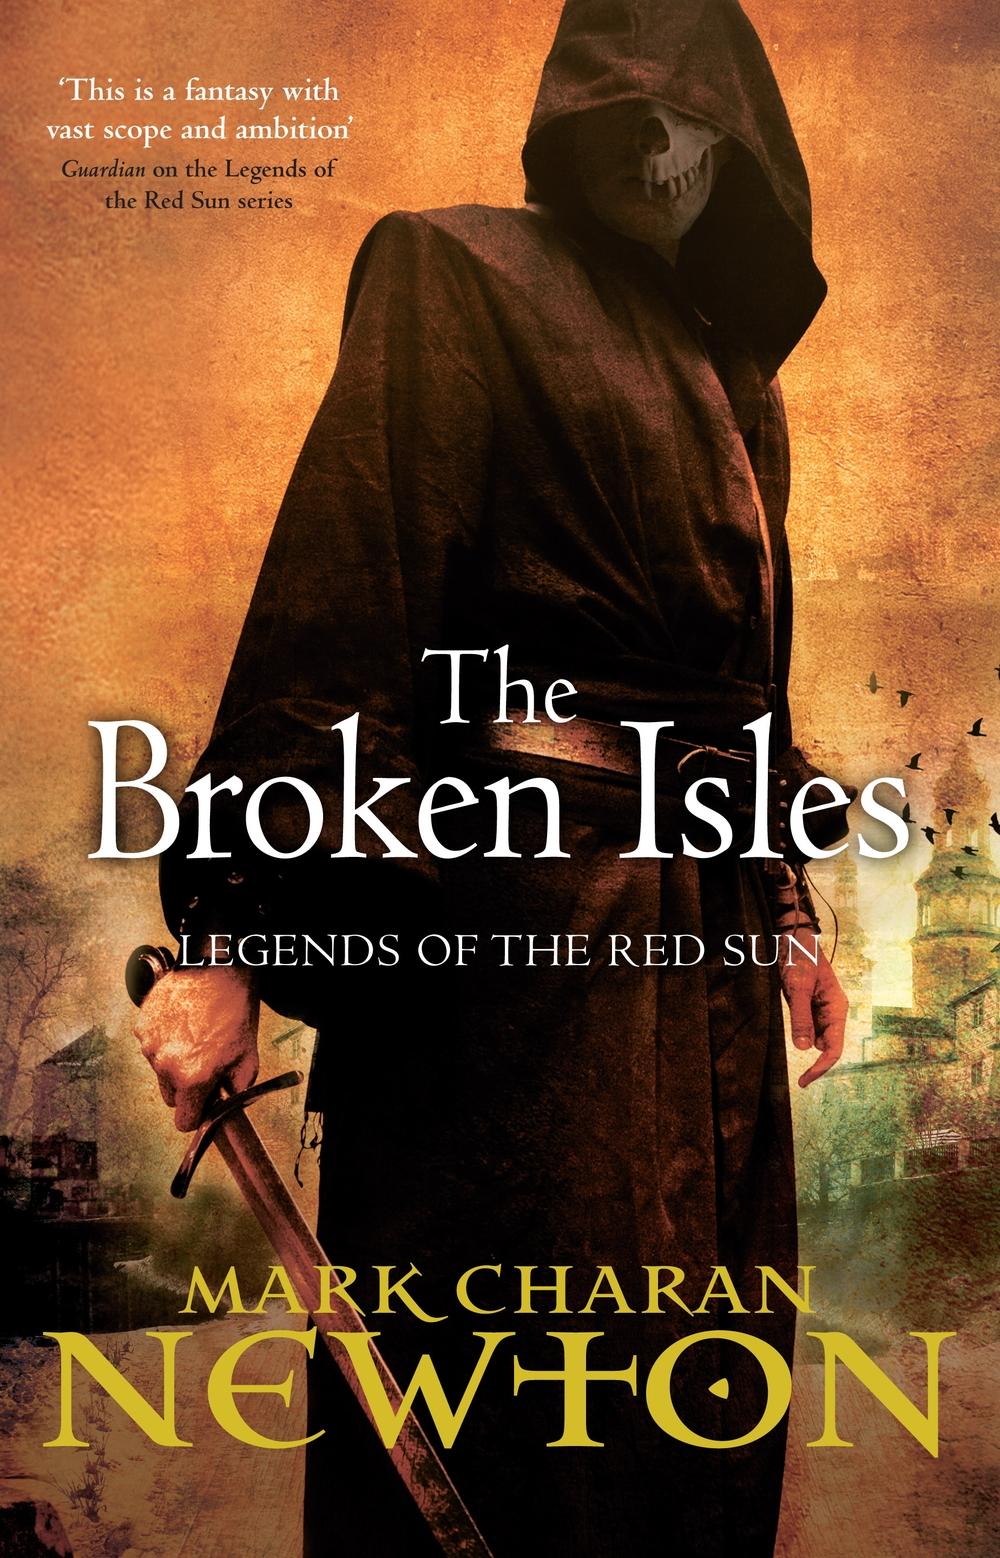 The Broken Isles: